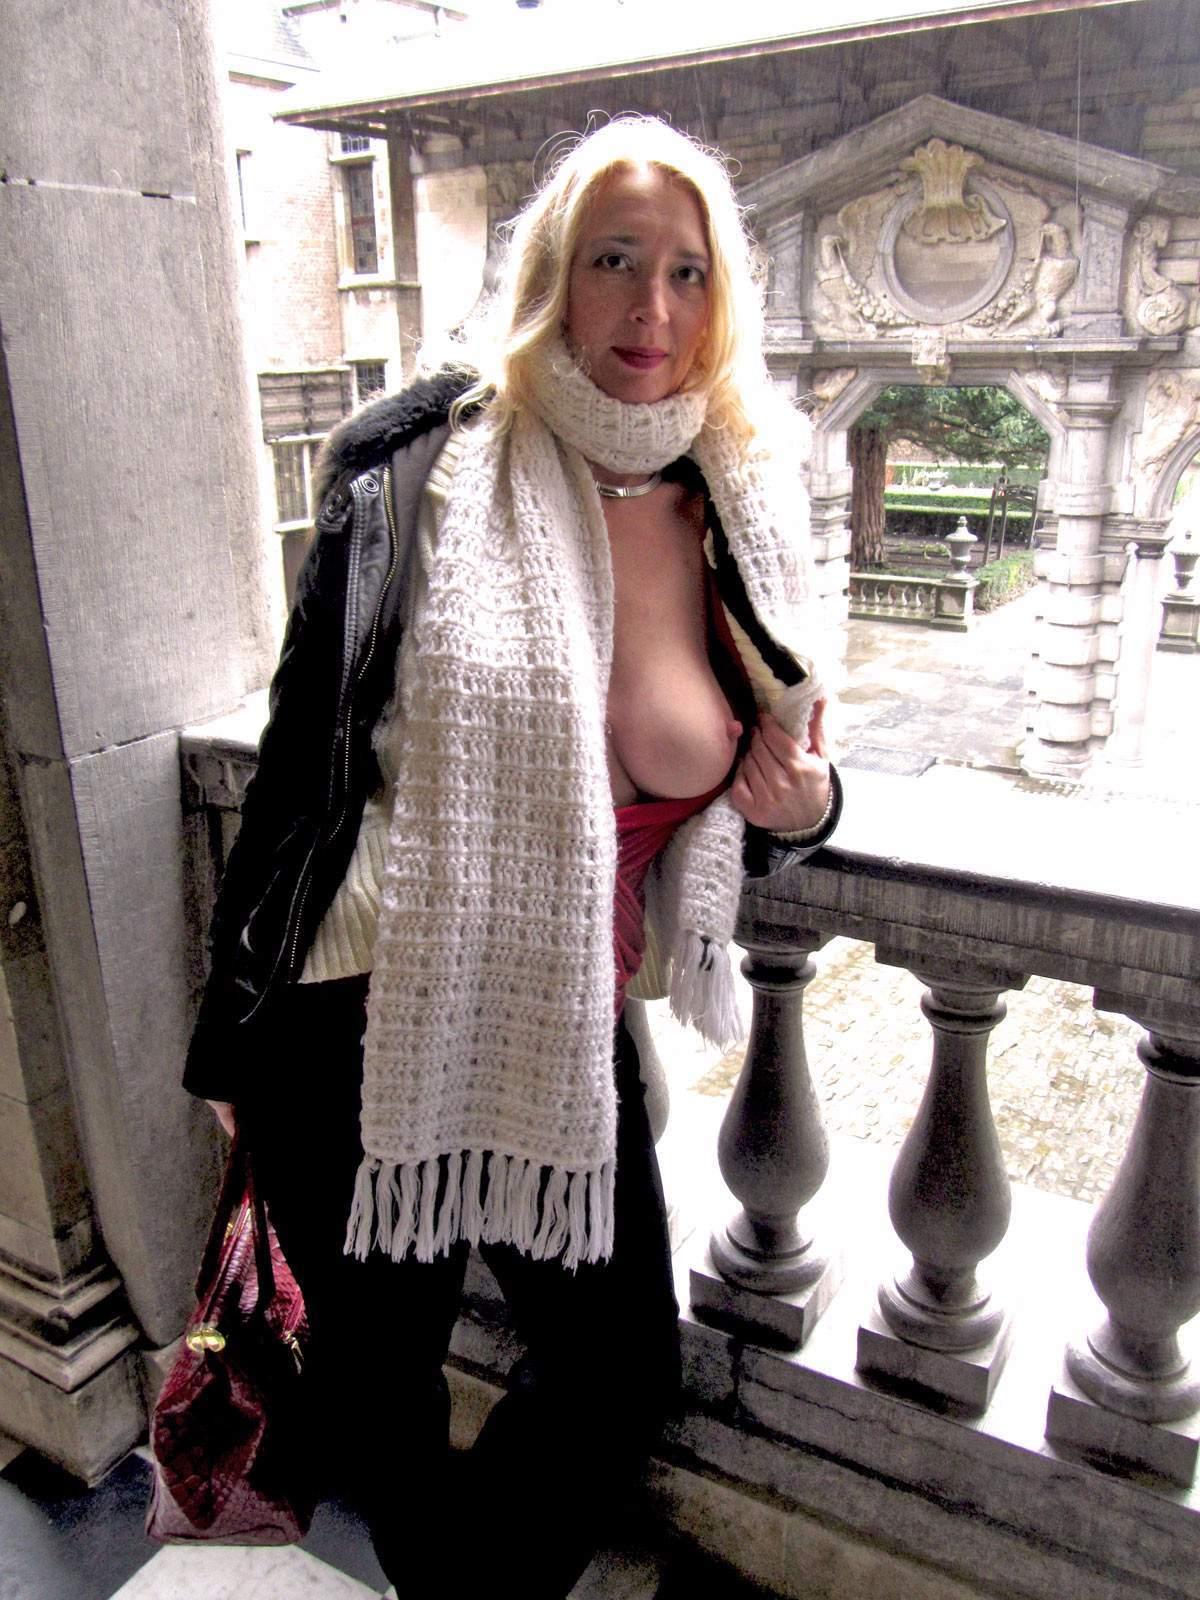 http://img24.rajce.idnes.cz/d2402/13/13133/13133717_9c6391c5702f90347cd7f2ea12218ba5/images/90.jpg